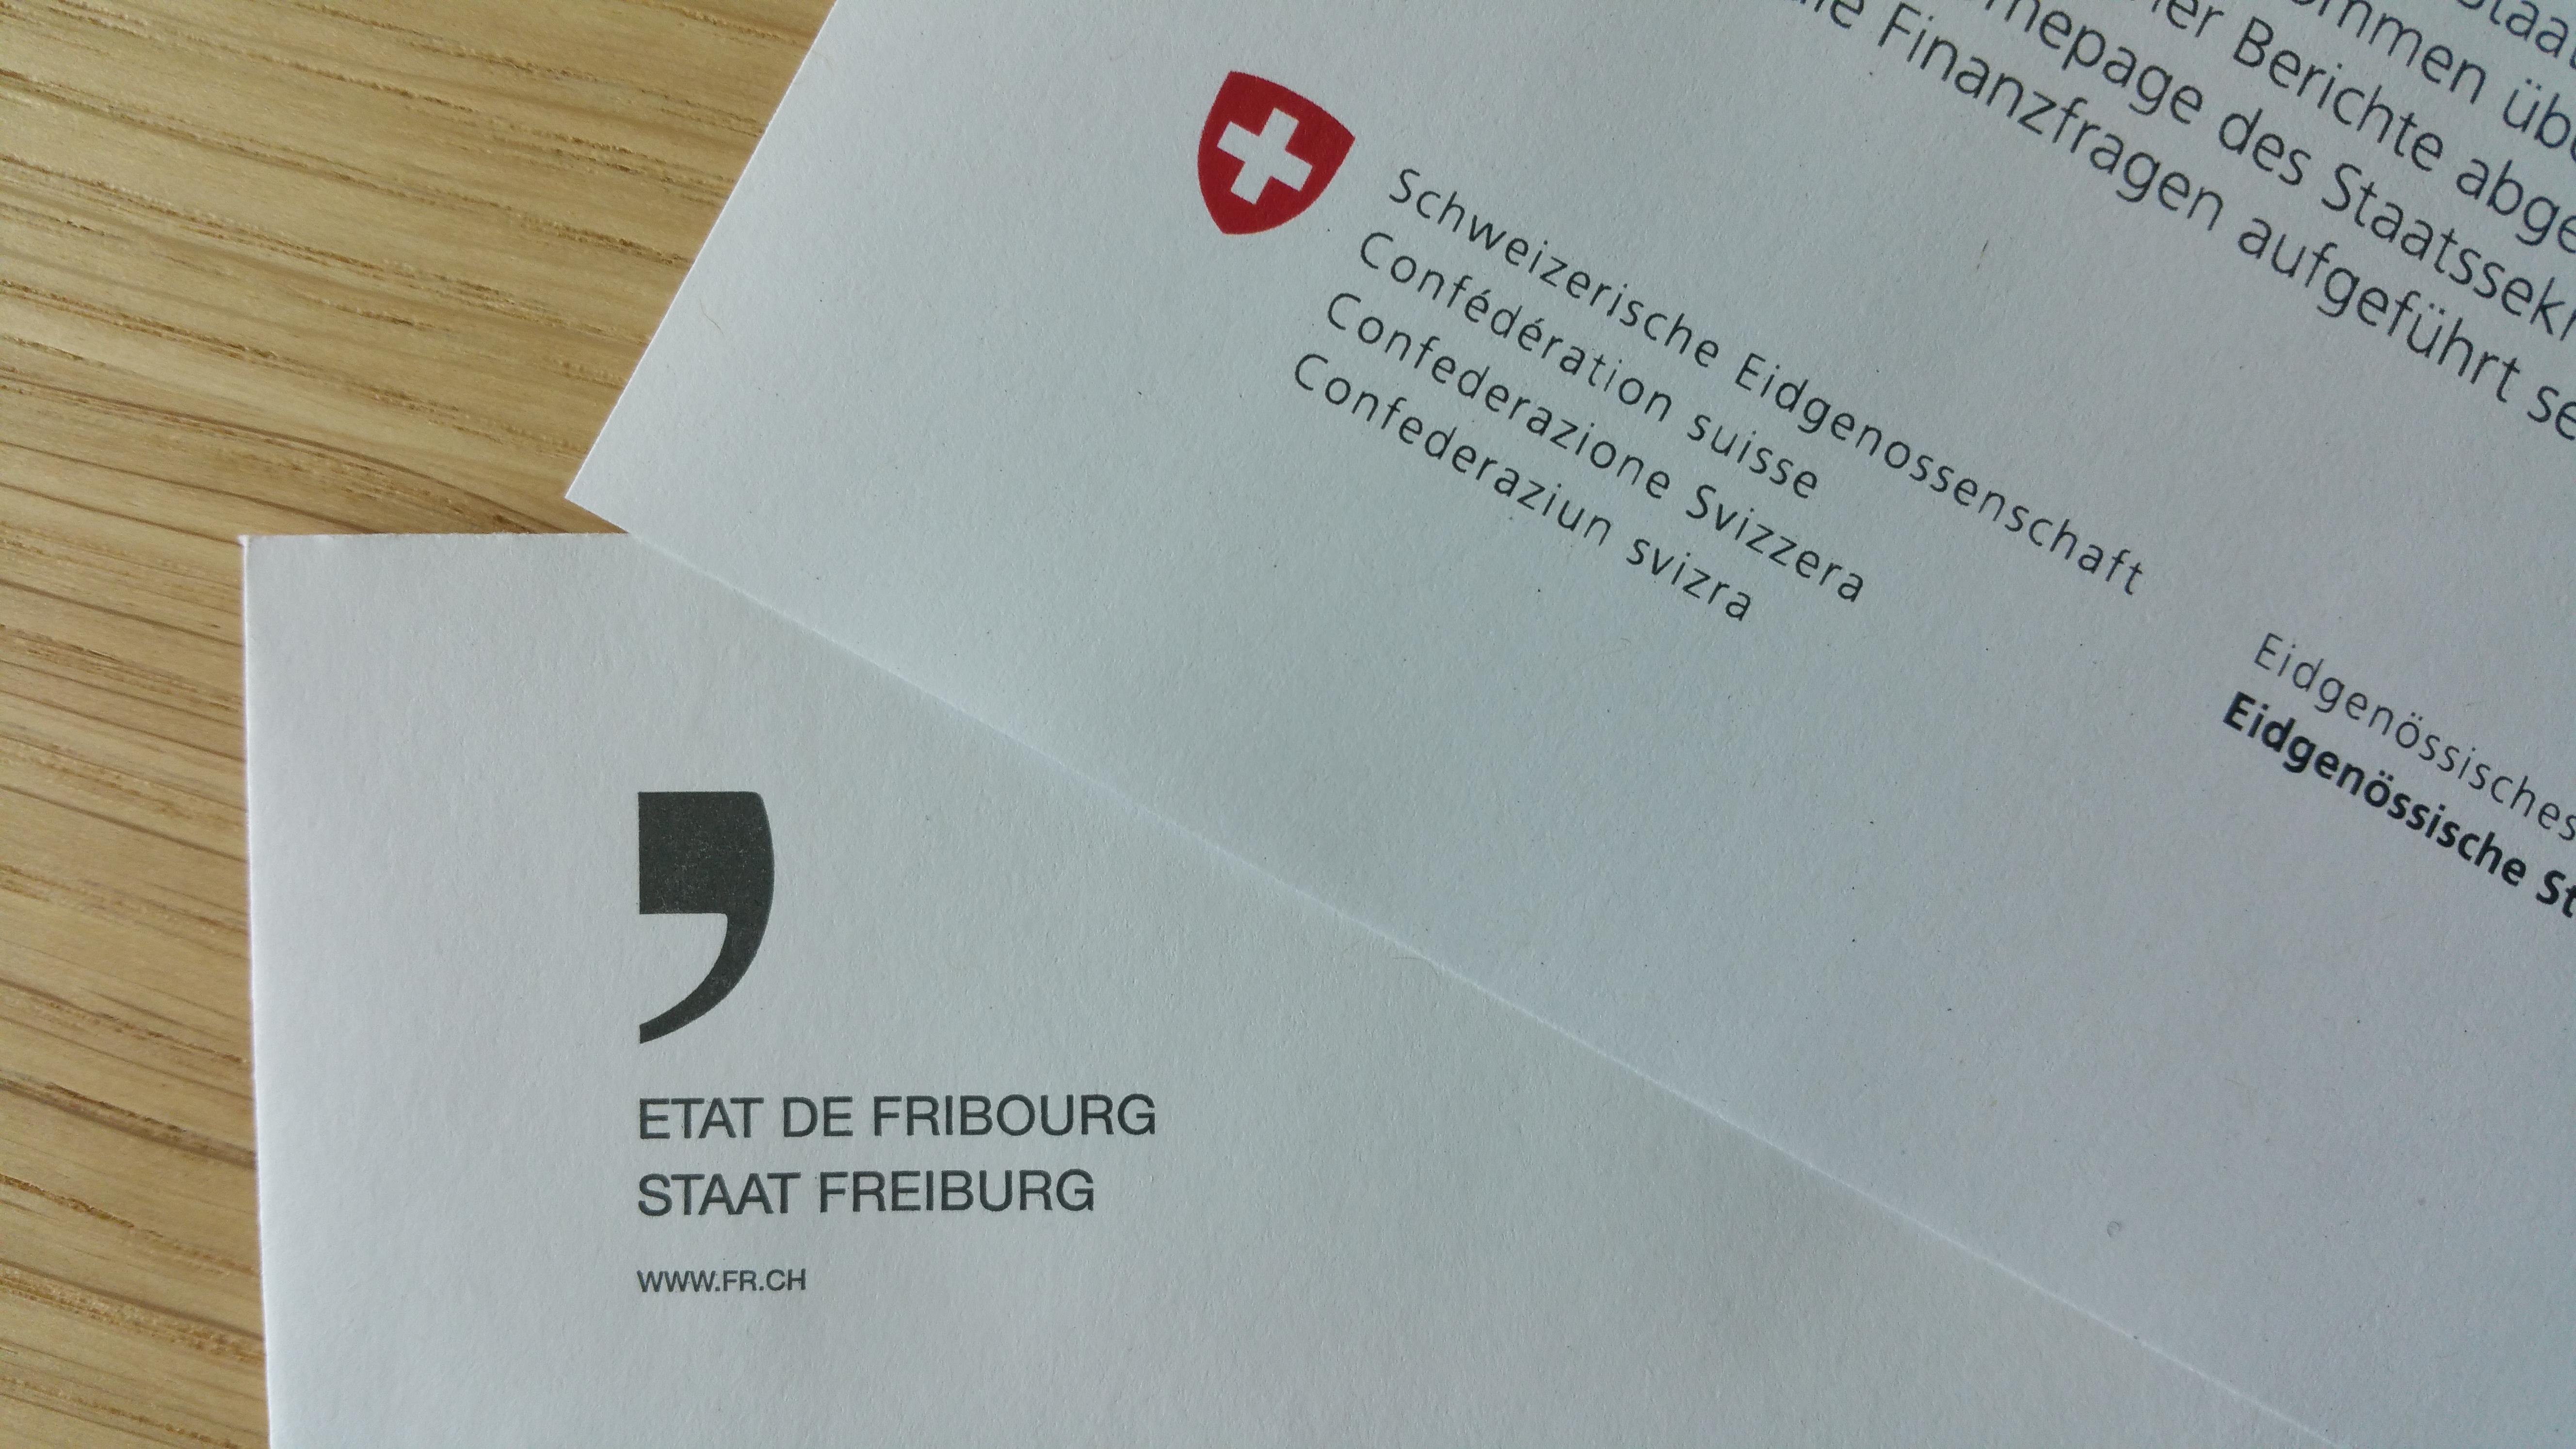 Logo FR CH